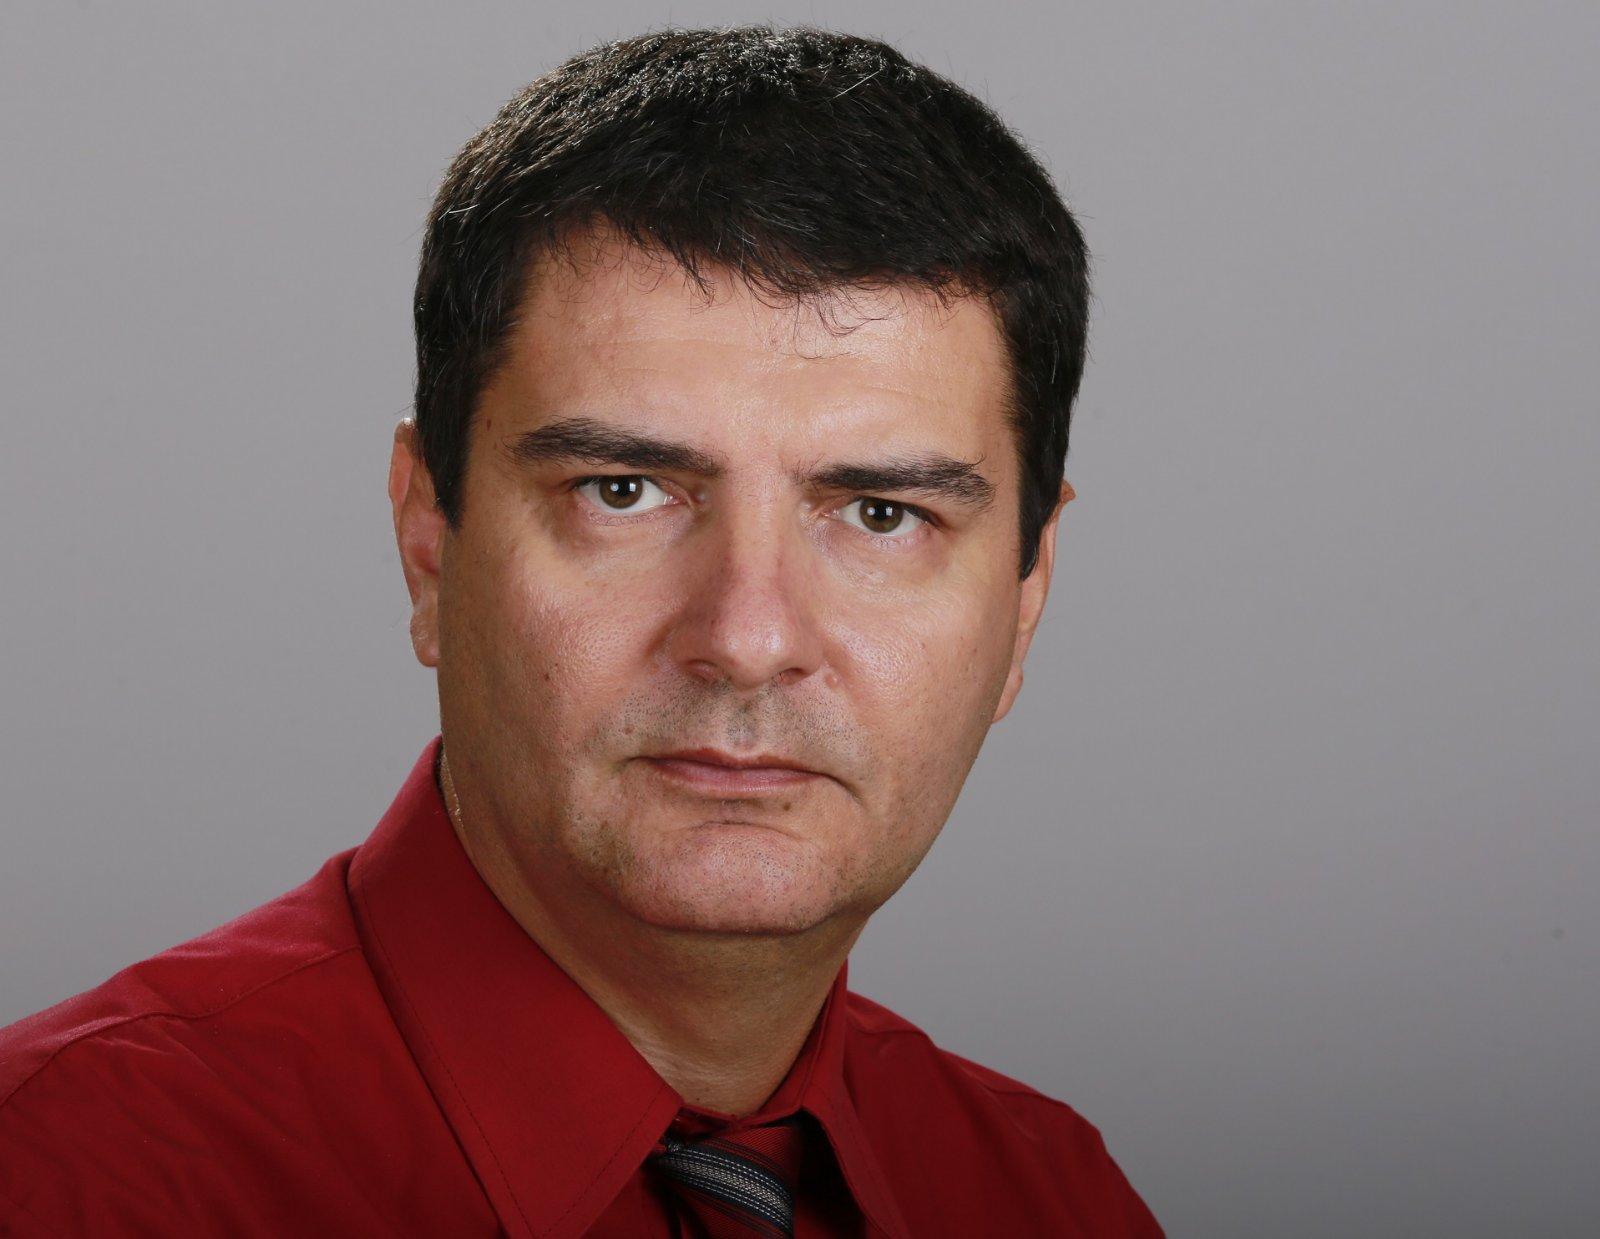 Борис Цветков към Борисов: Смятате ли за морално уволнението на доц. Мартин Осиковски